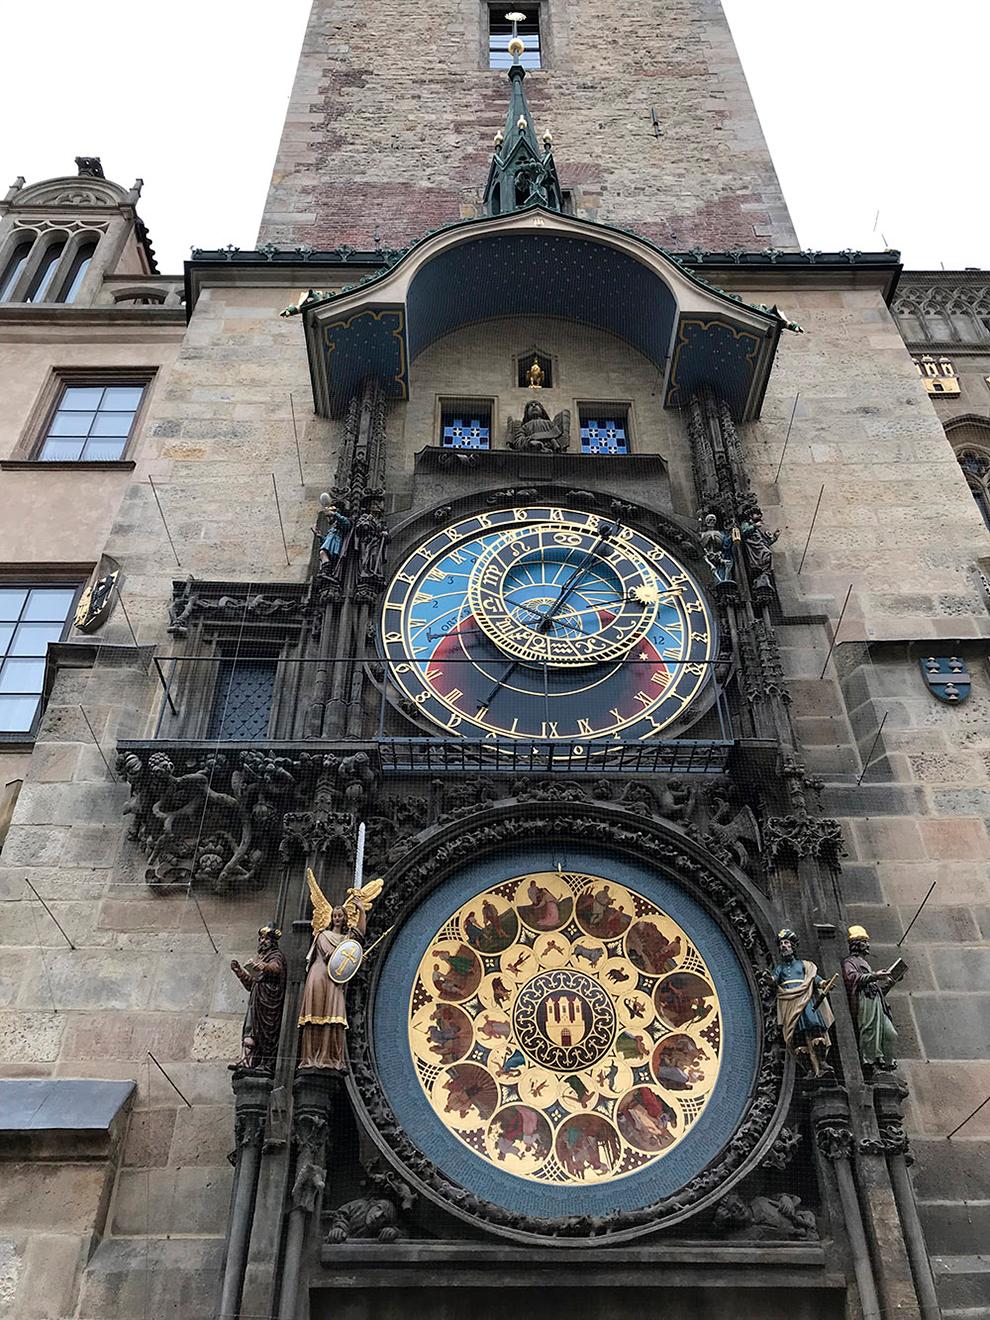 Часы работают с 1410 года. Тогда появились механические часы и астрономический циферблат